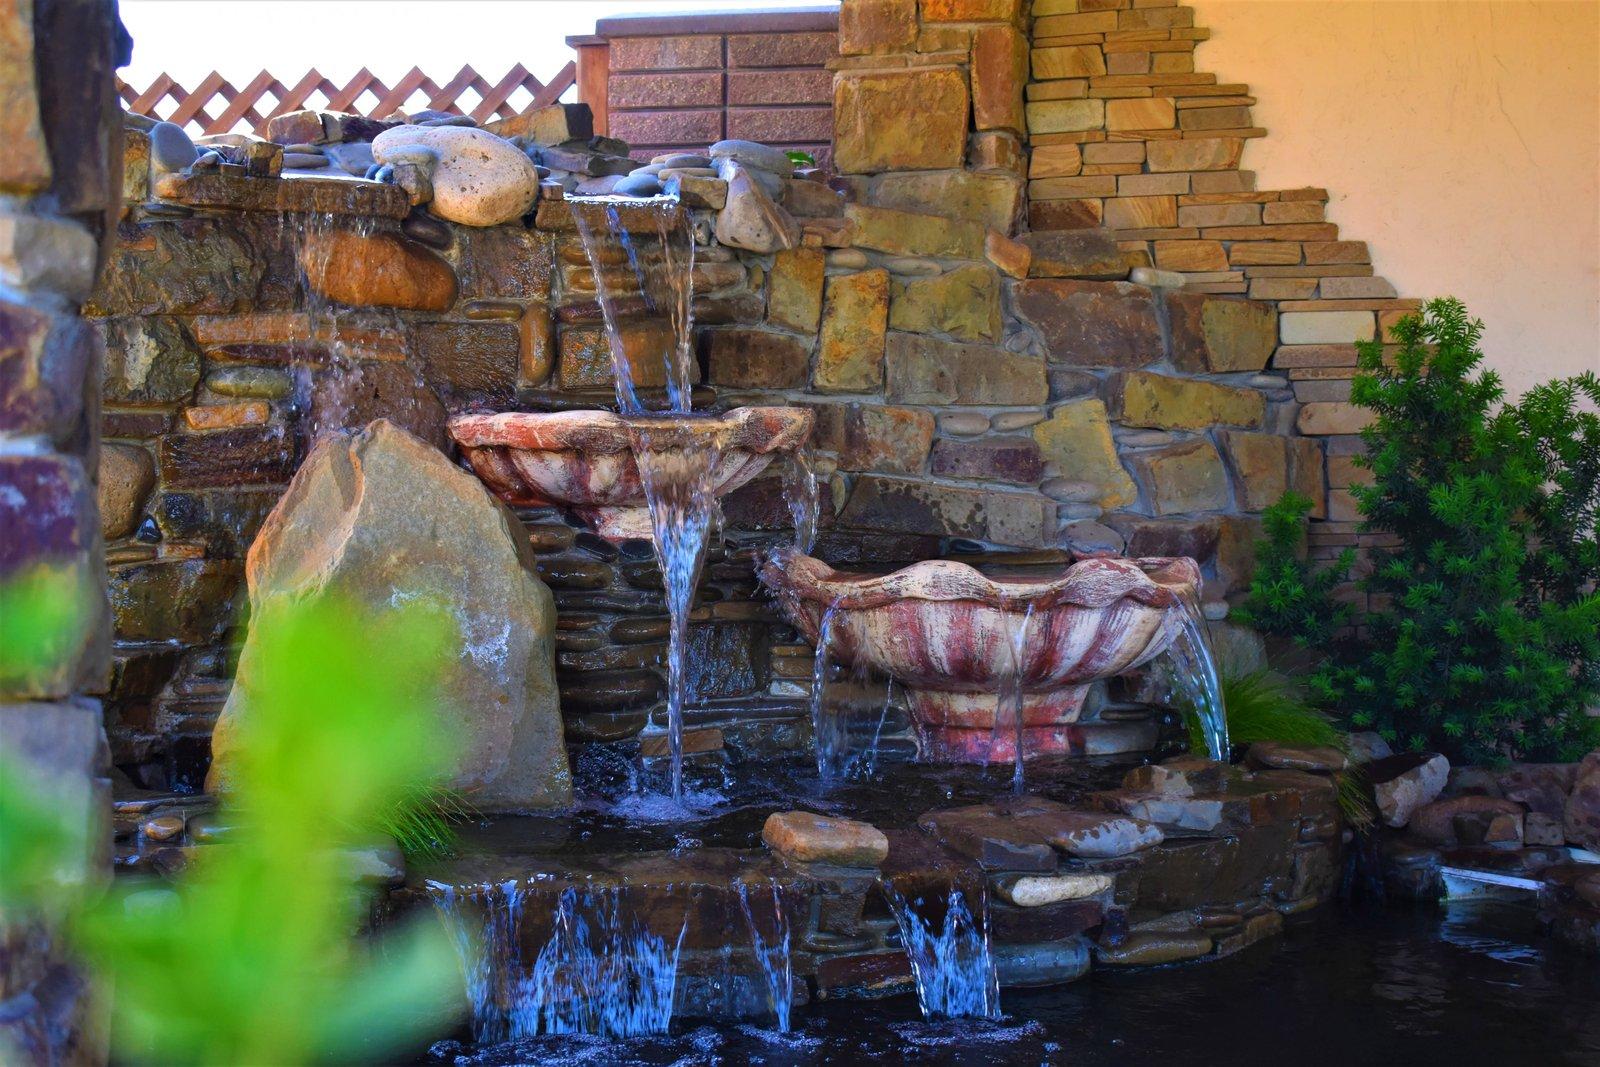 все для фонтана Запорожье, все для водопада Запорожье, все для пруда Запорожье, все для водоема Запорожье